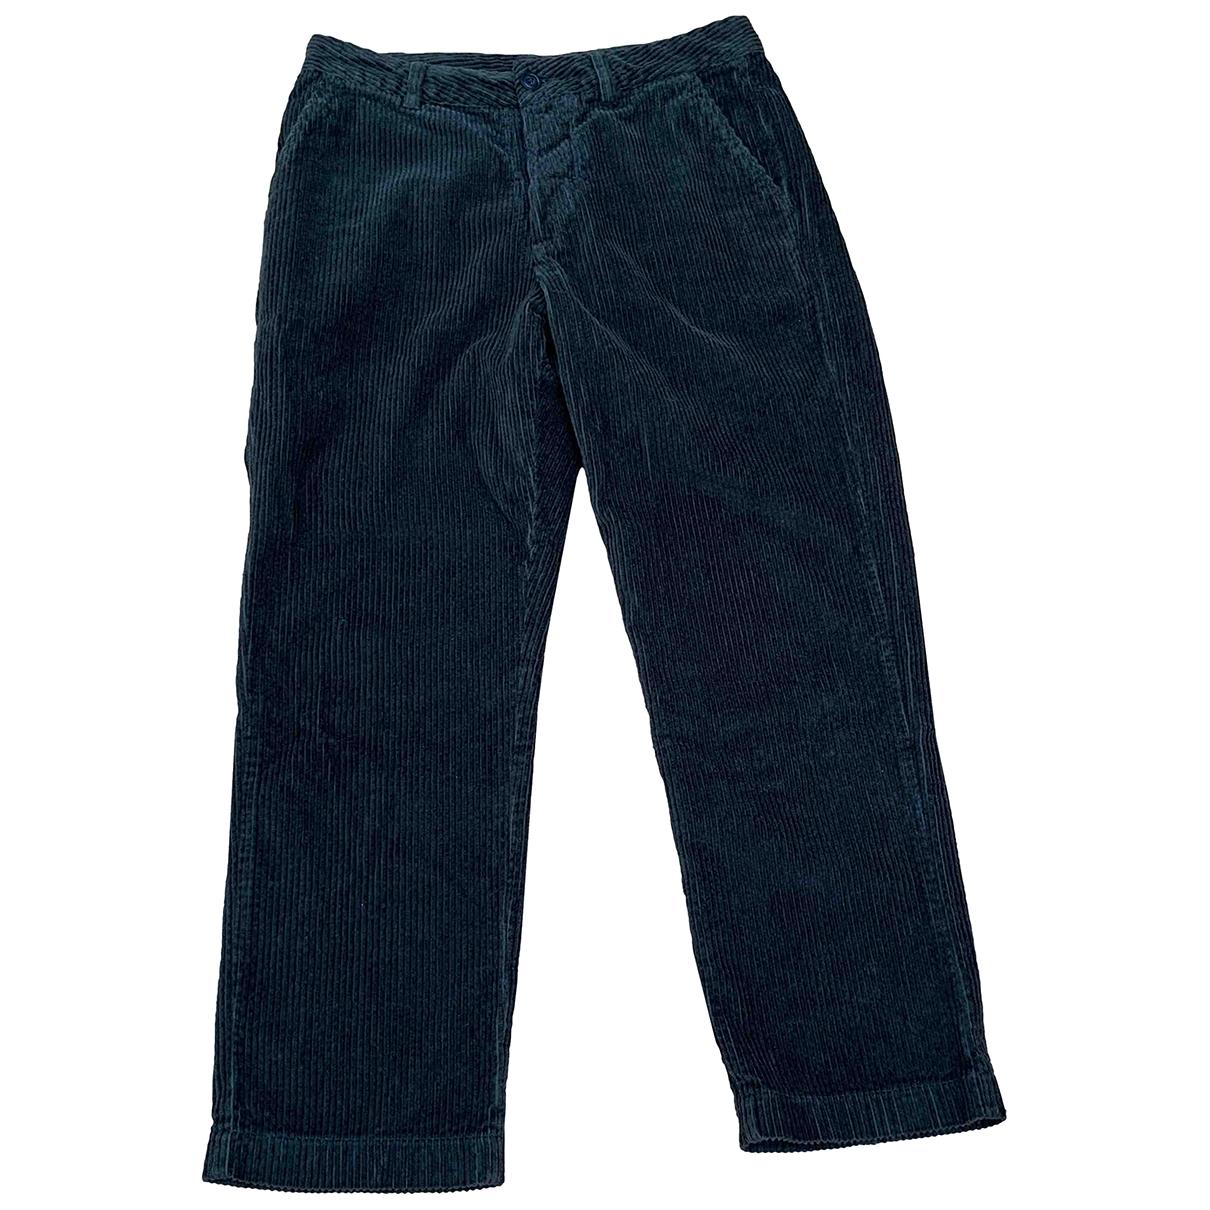 Pantalon recto de Terciopelo Woolrich